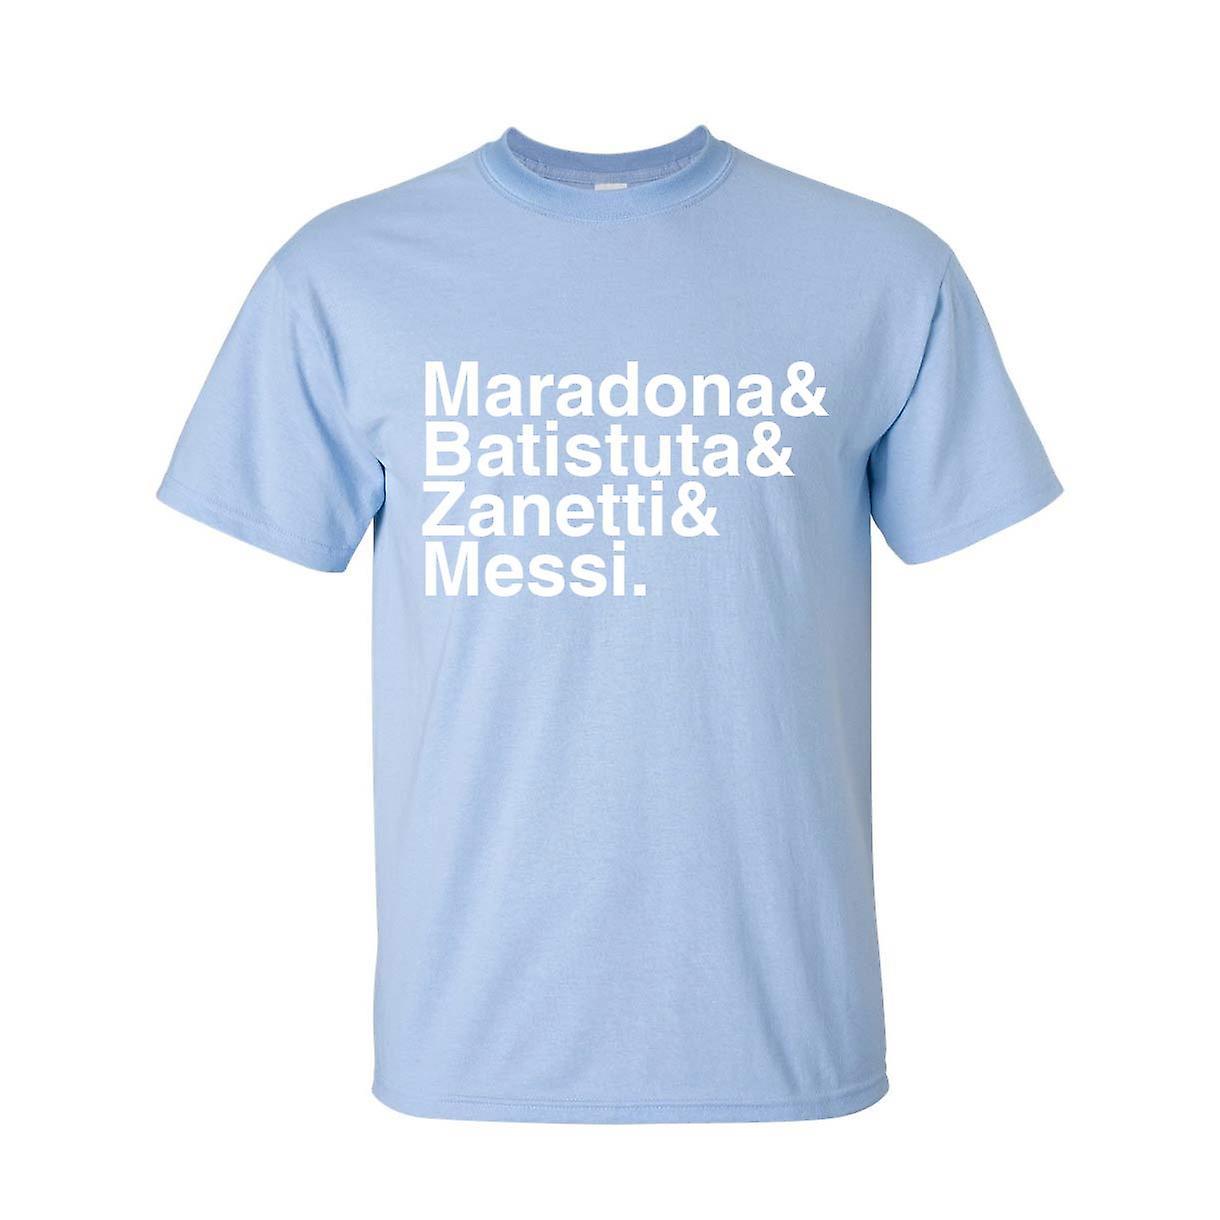 Argentine Football Legends T-shirt (bleu ciel)